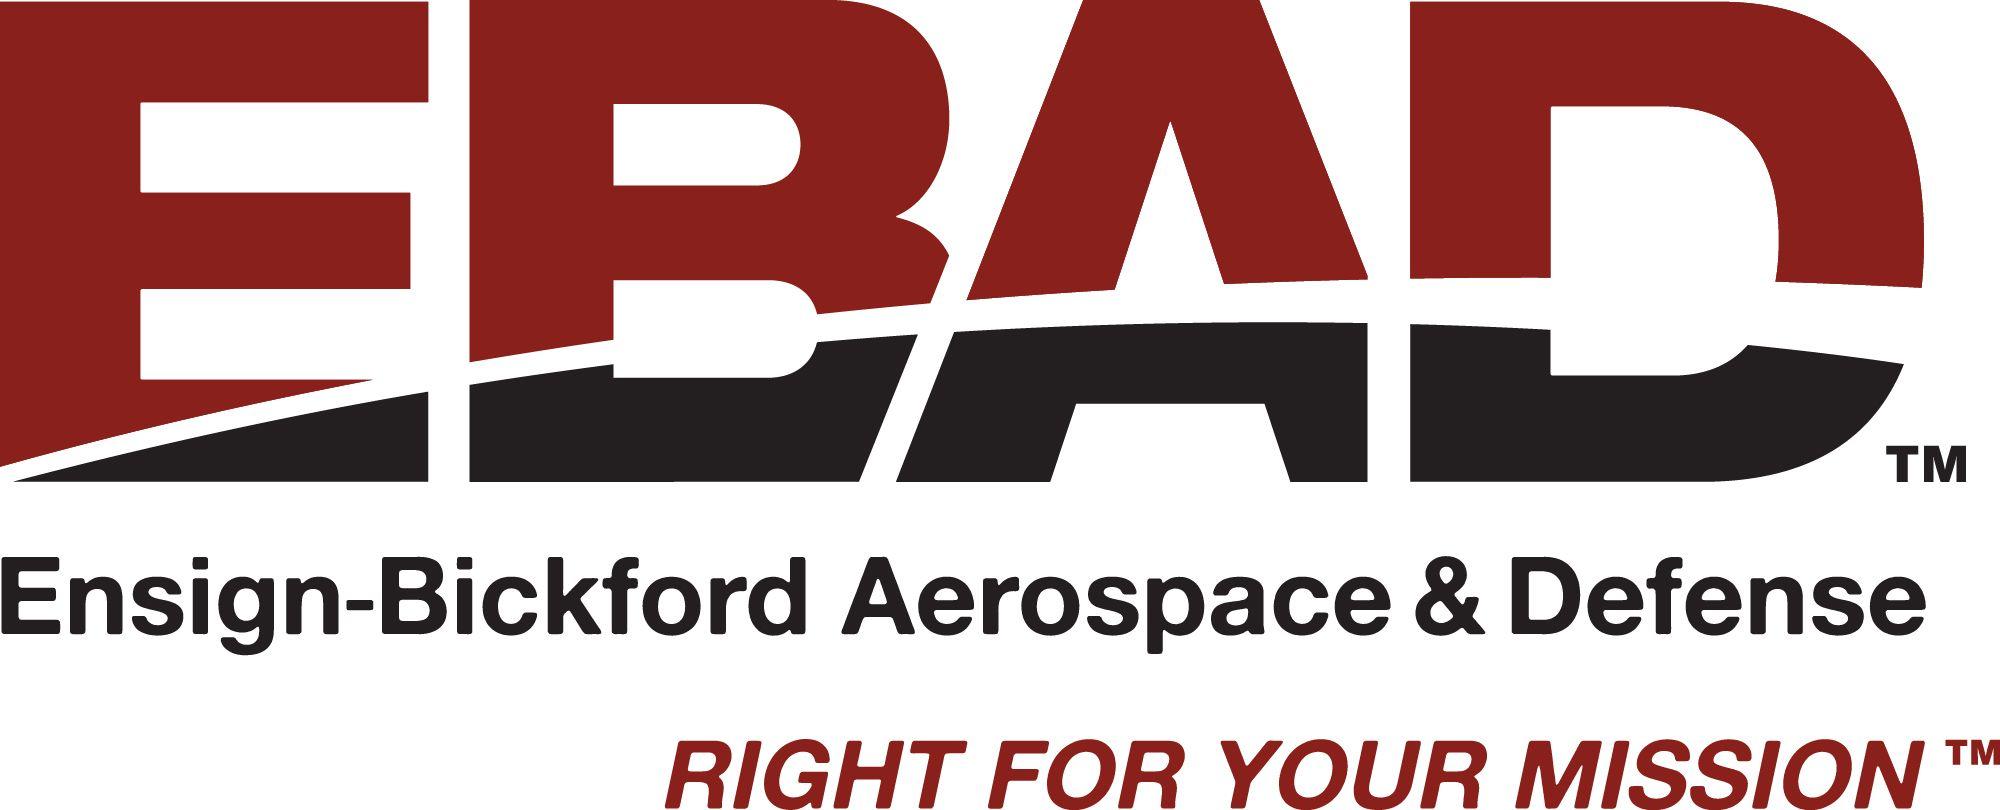 Ensign-Bickford Aerospace & Defense